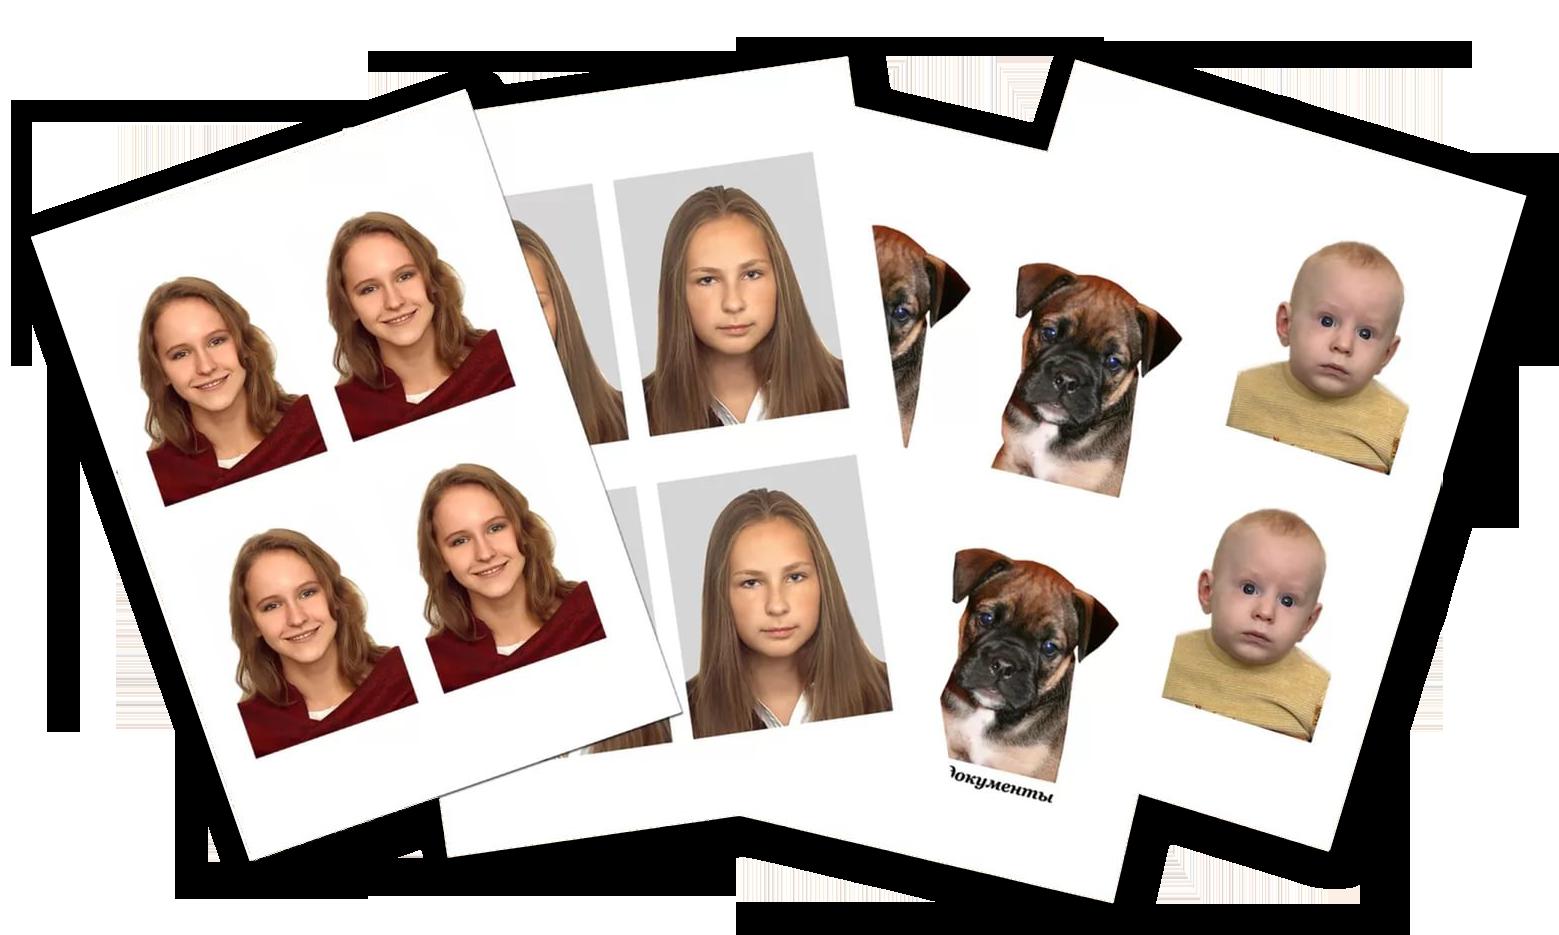 Passbild Bewerbungsfoto 84 bit Personalausweis, Führerschein, Reisepass